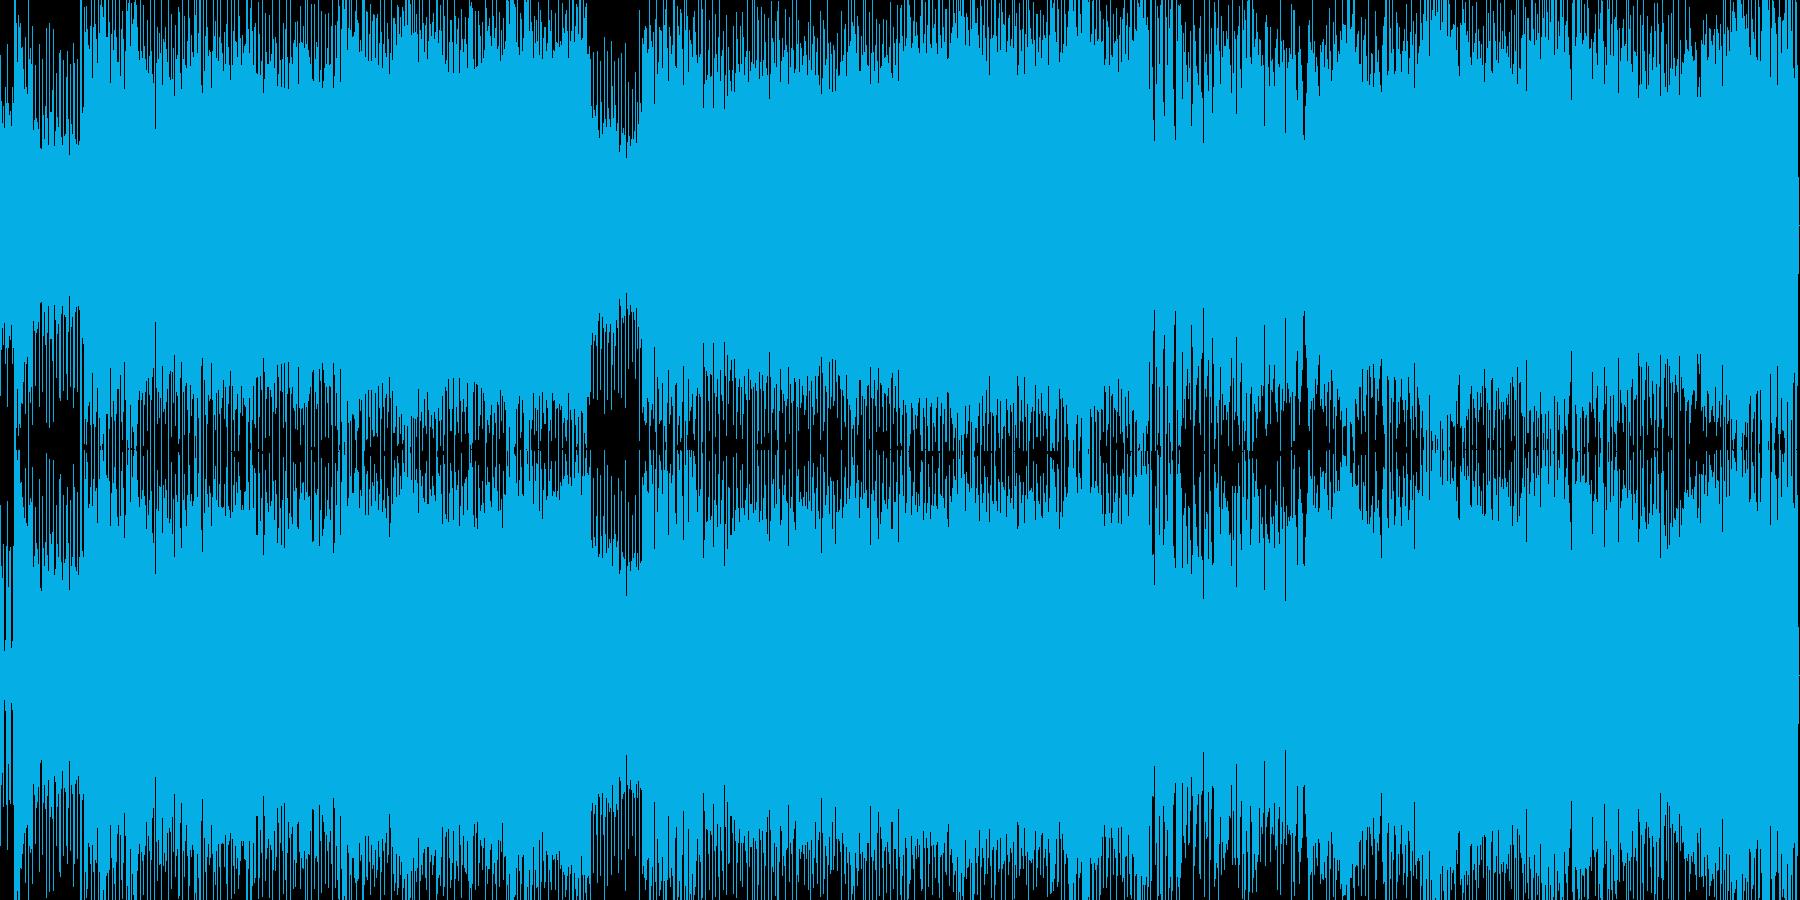 ロックハードでゲーム系BGMループの再生済みの波形